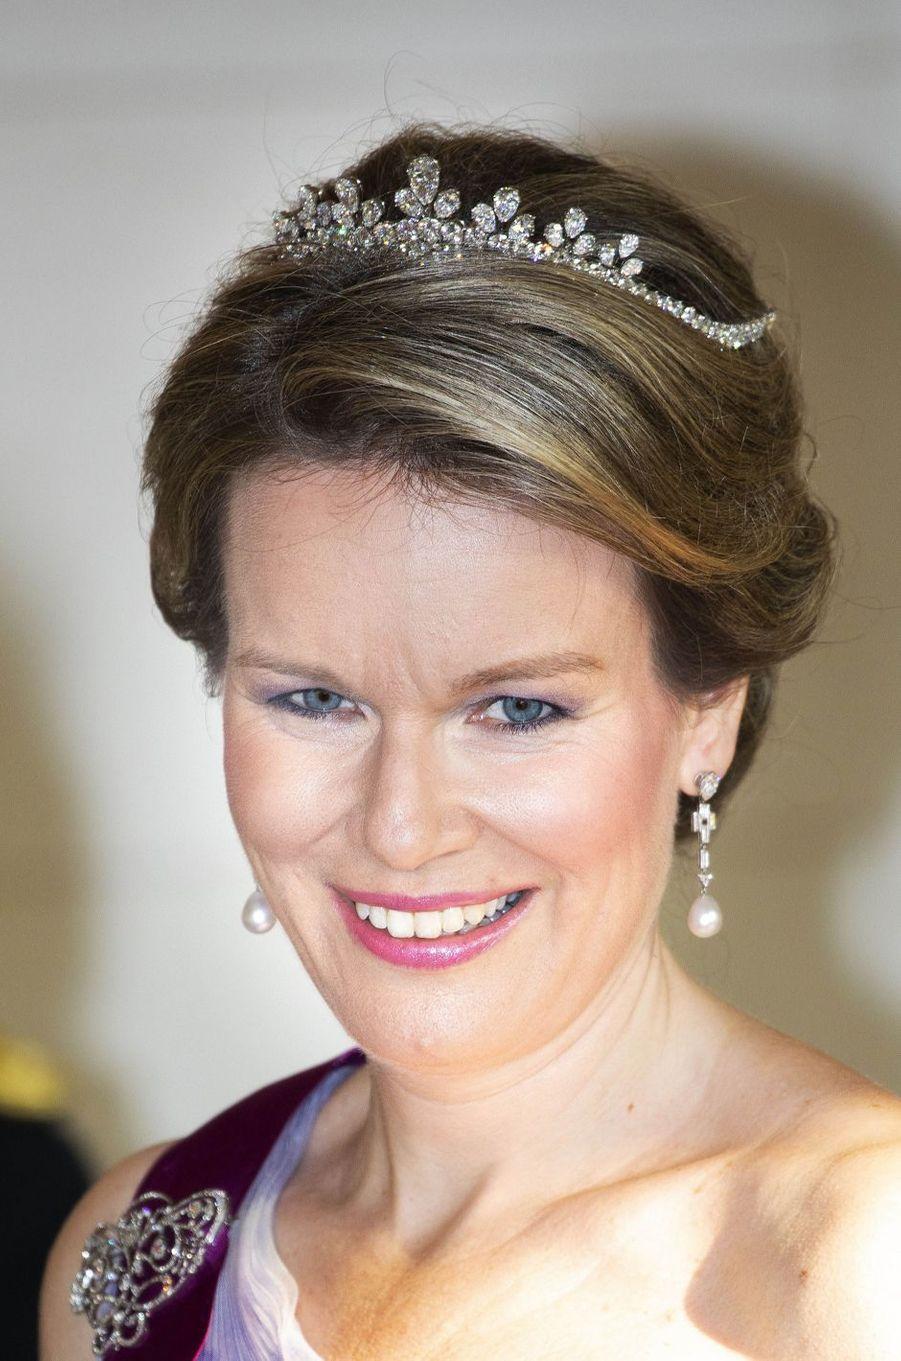 La reine Mathilde de Belgique à Bruxelles, le 27 juin 2018